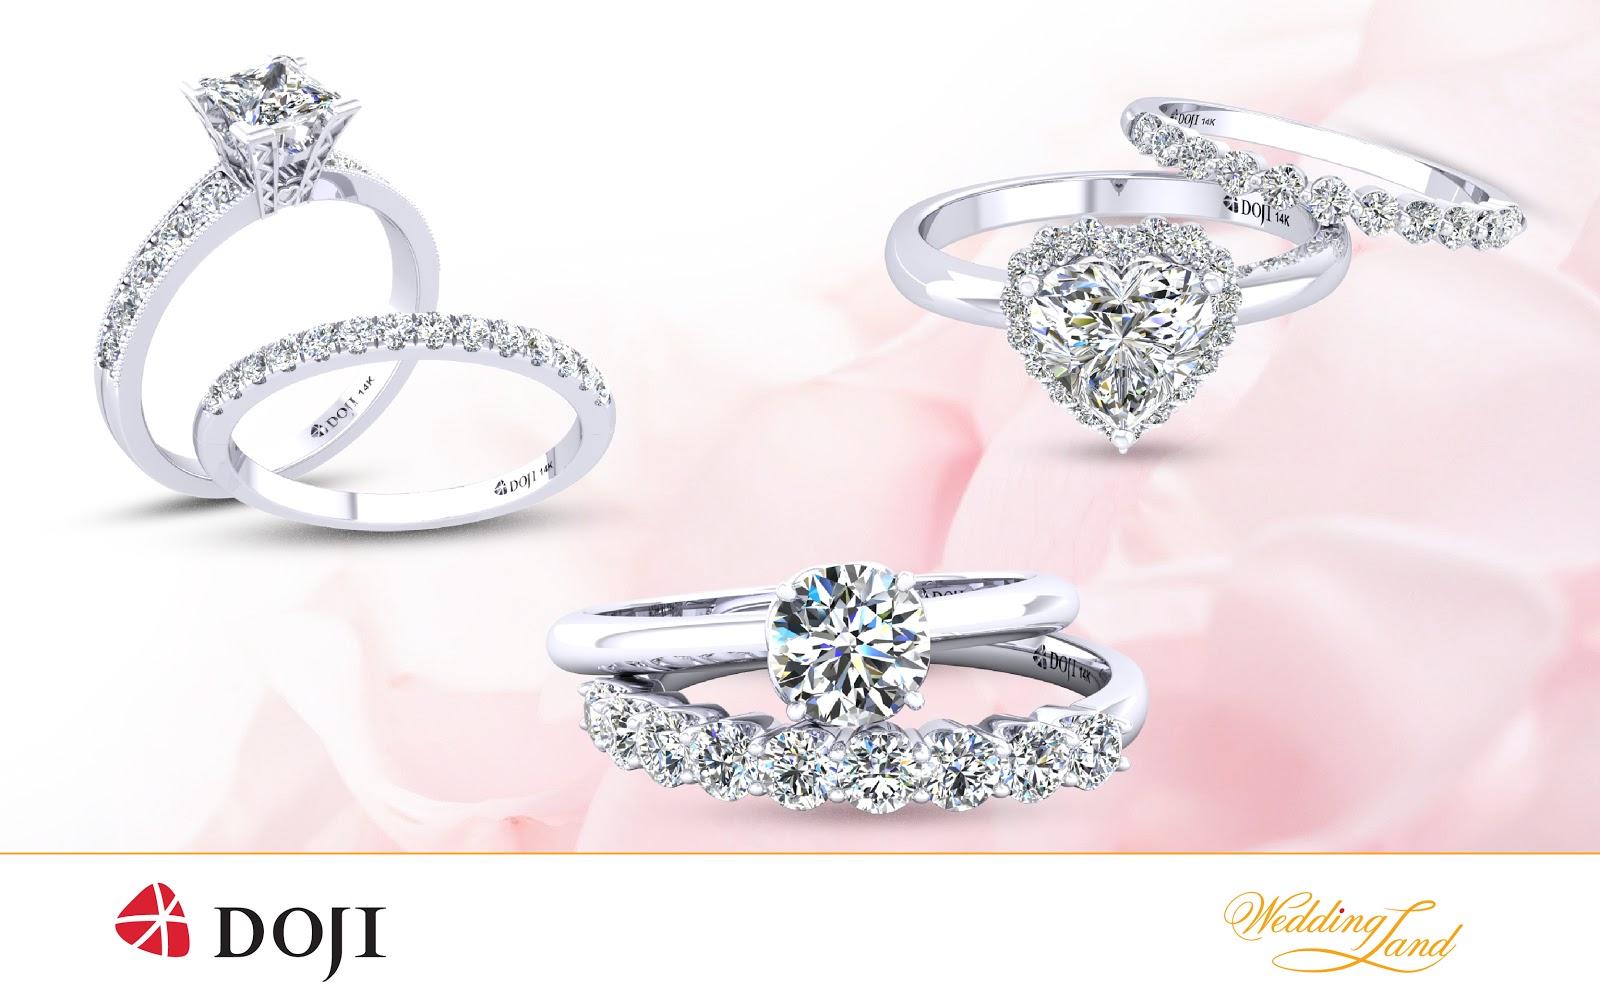 Nhẫn cưới DOJI, giảm giá sâu, trúng thưởng lớn - Ảnh 2.